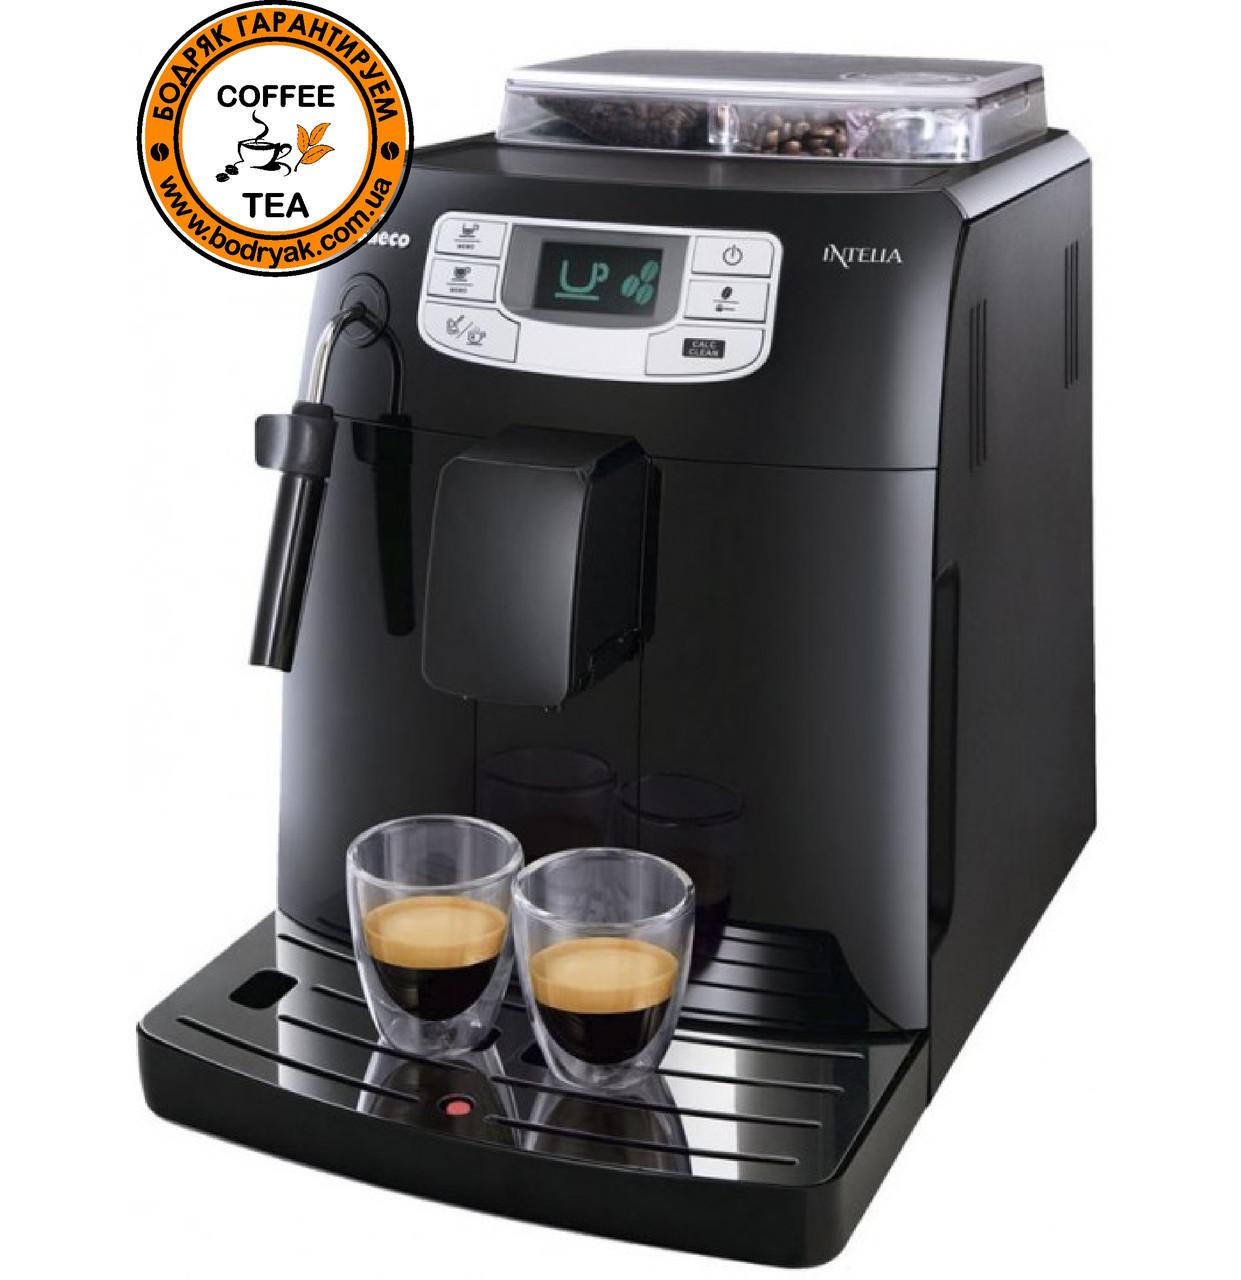 930ca21ff4523 Аренда кофемашины Saeco для дома, цена 200 грн., заказать в Харькове ...